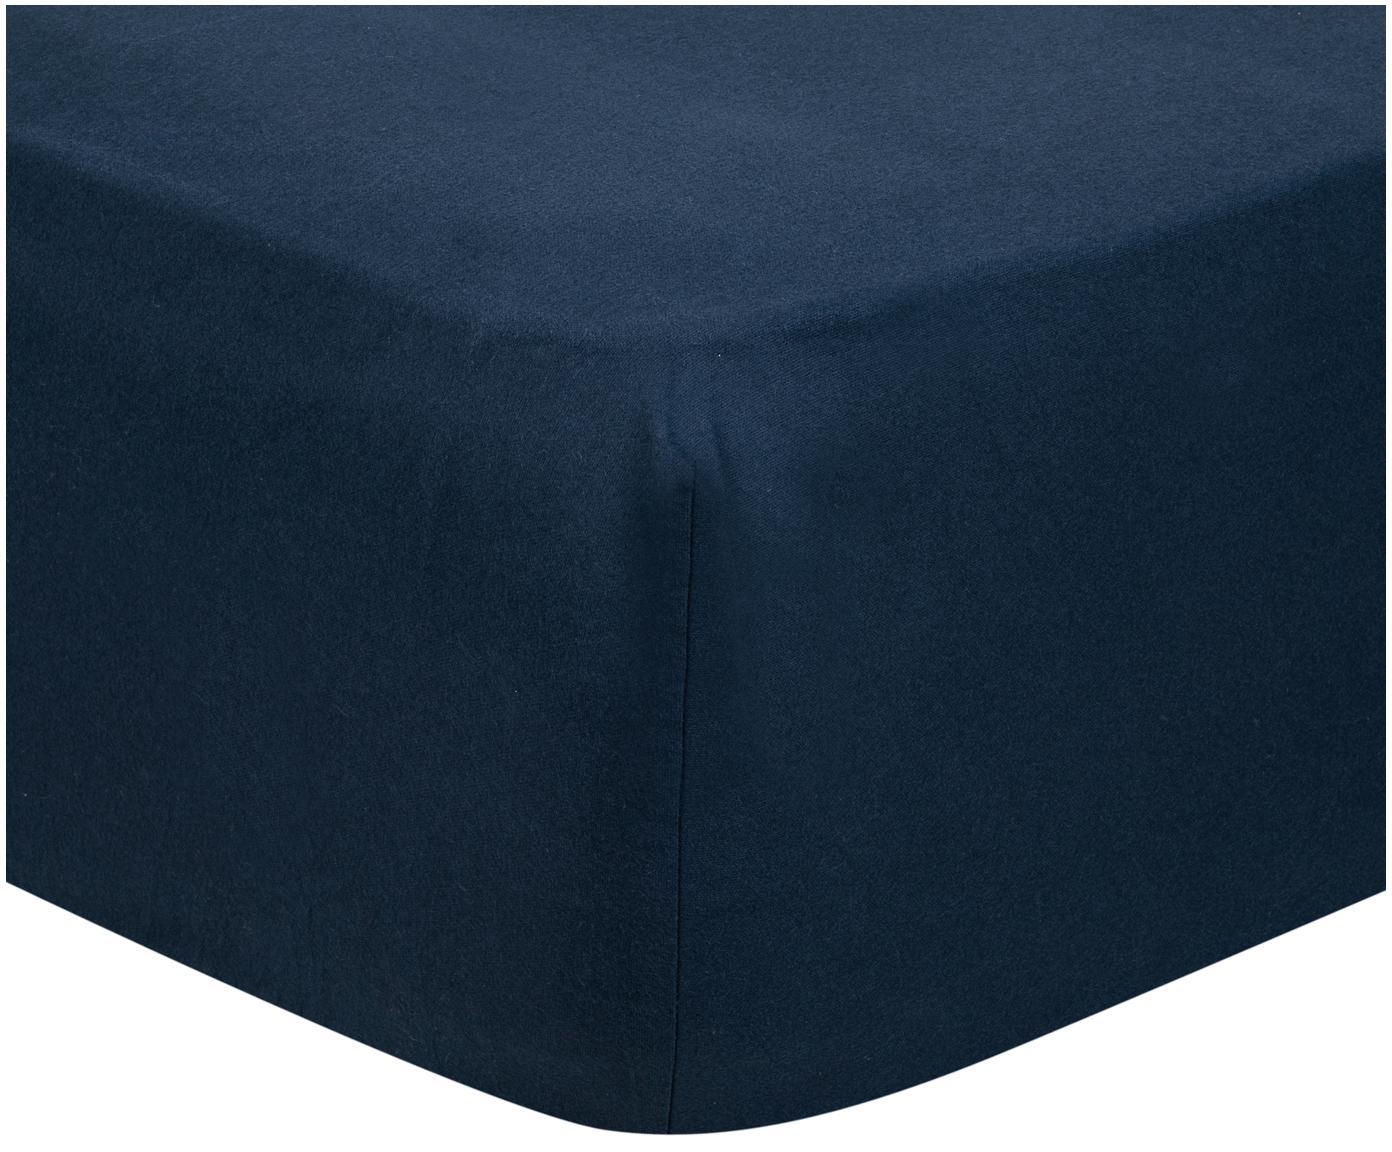 Hoeslaken Biba, flanel, Weeftechniek: flanel, Marineblauw, 90 x 200 cm